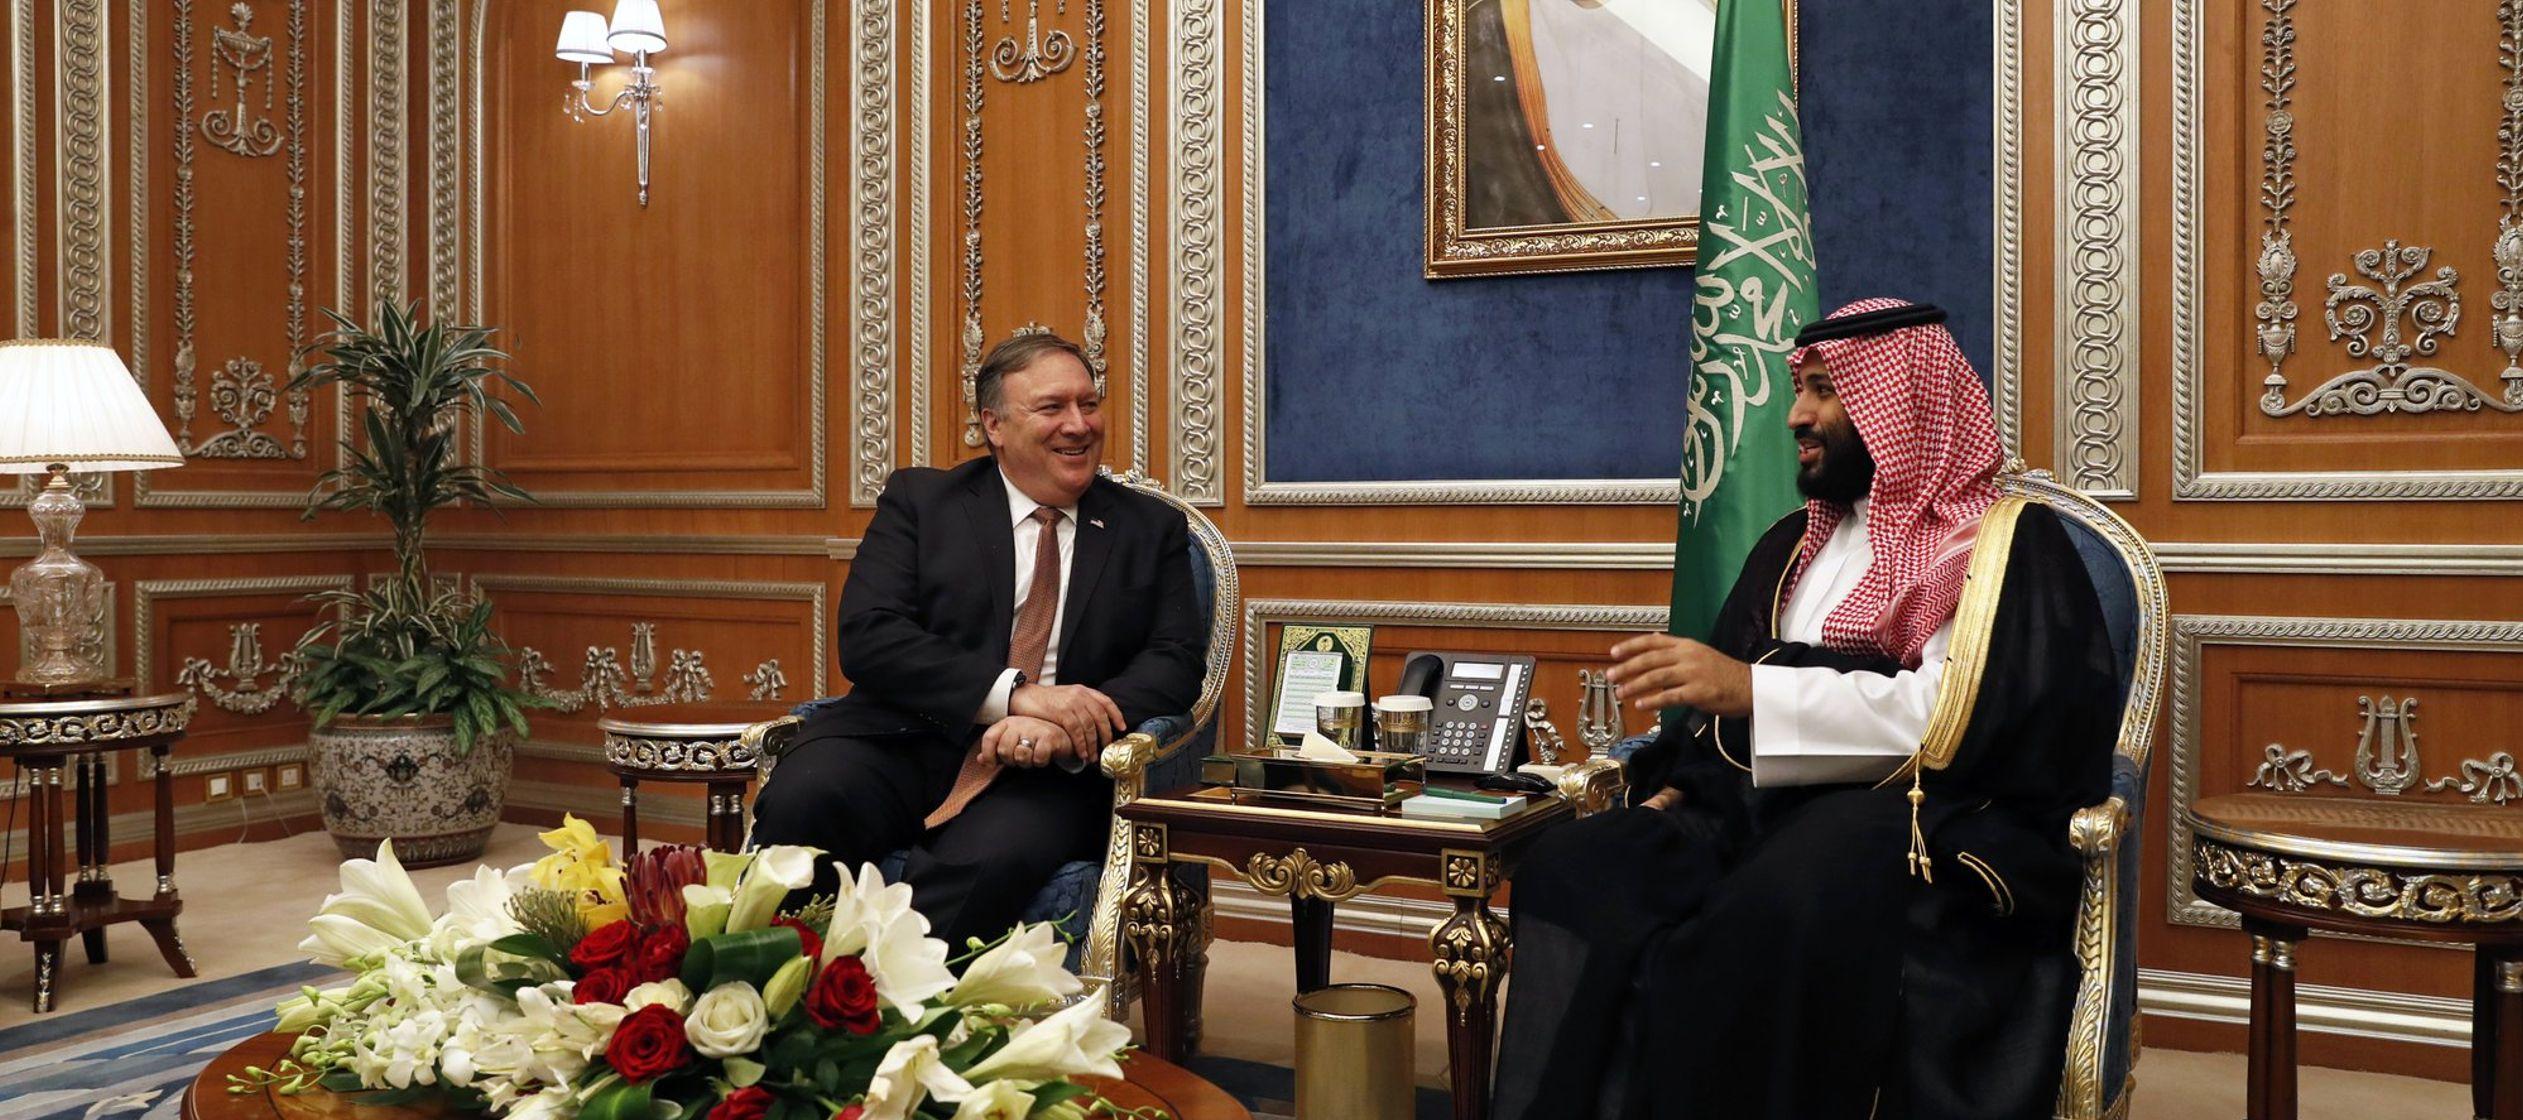 Los tuits de Trump se produjeron al tiempo que policías allanaron el consulado de Arabia...